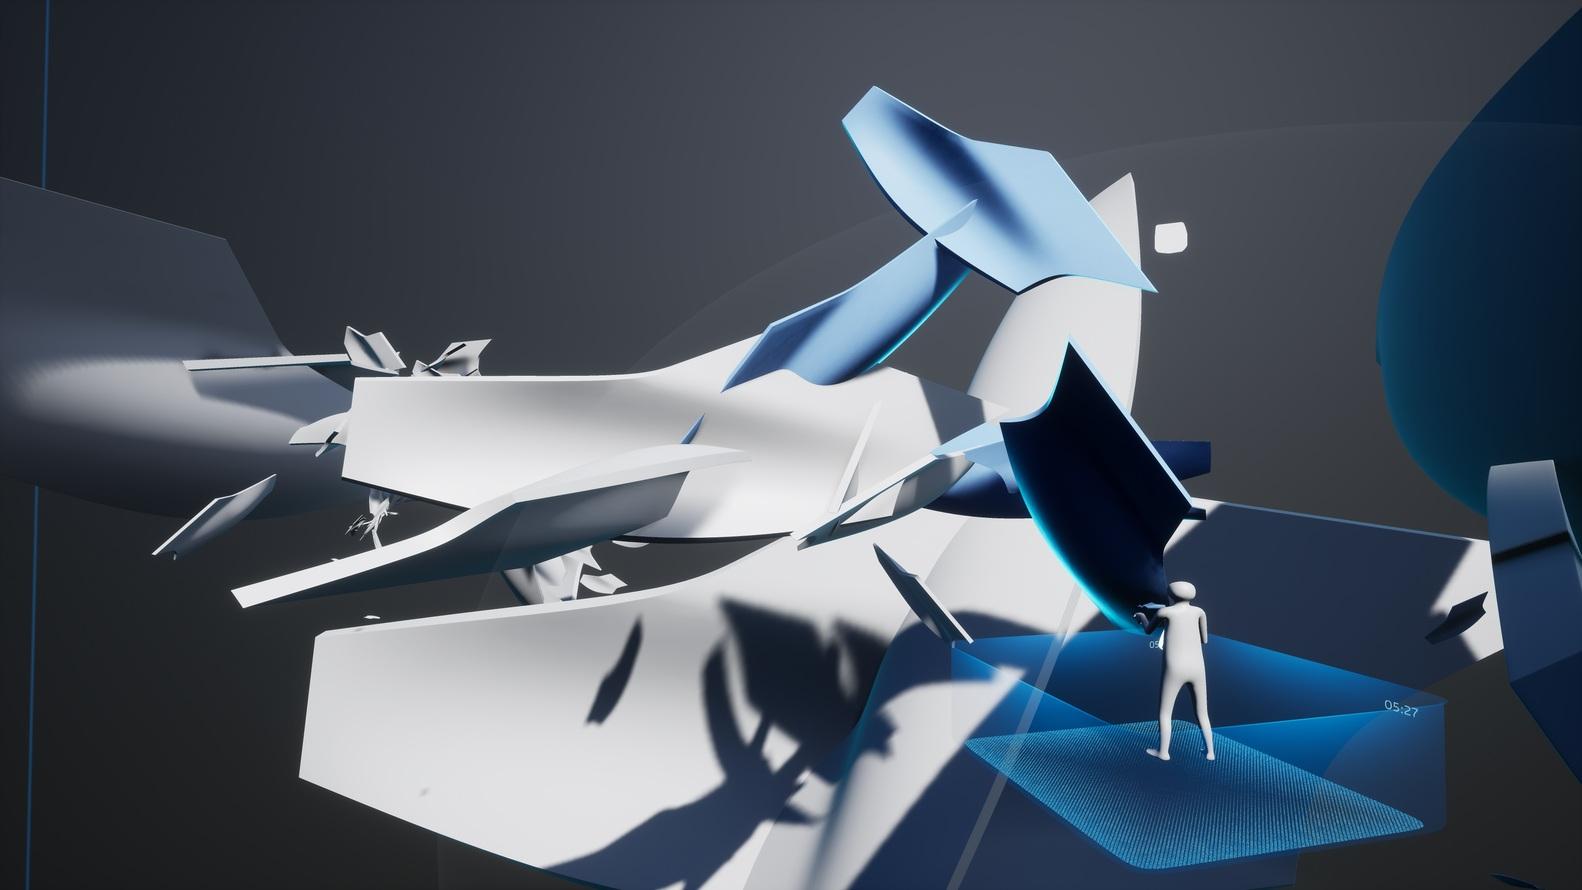 امکان ساخت ساختارهای مجازی در نمایشگاه زاها حدید